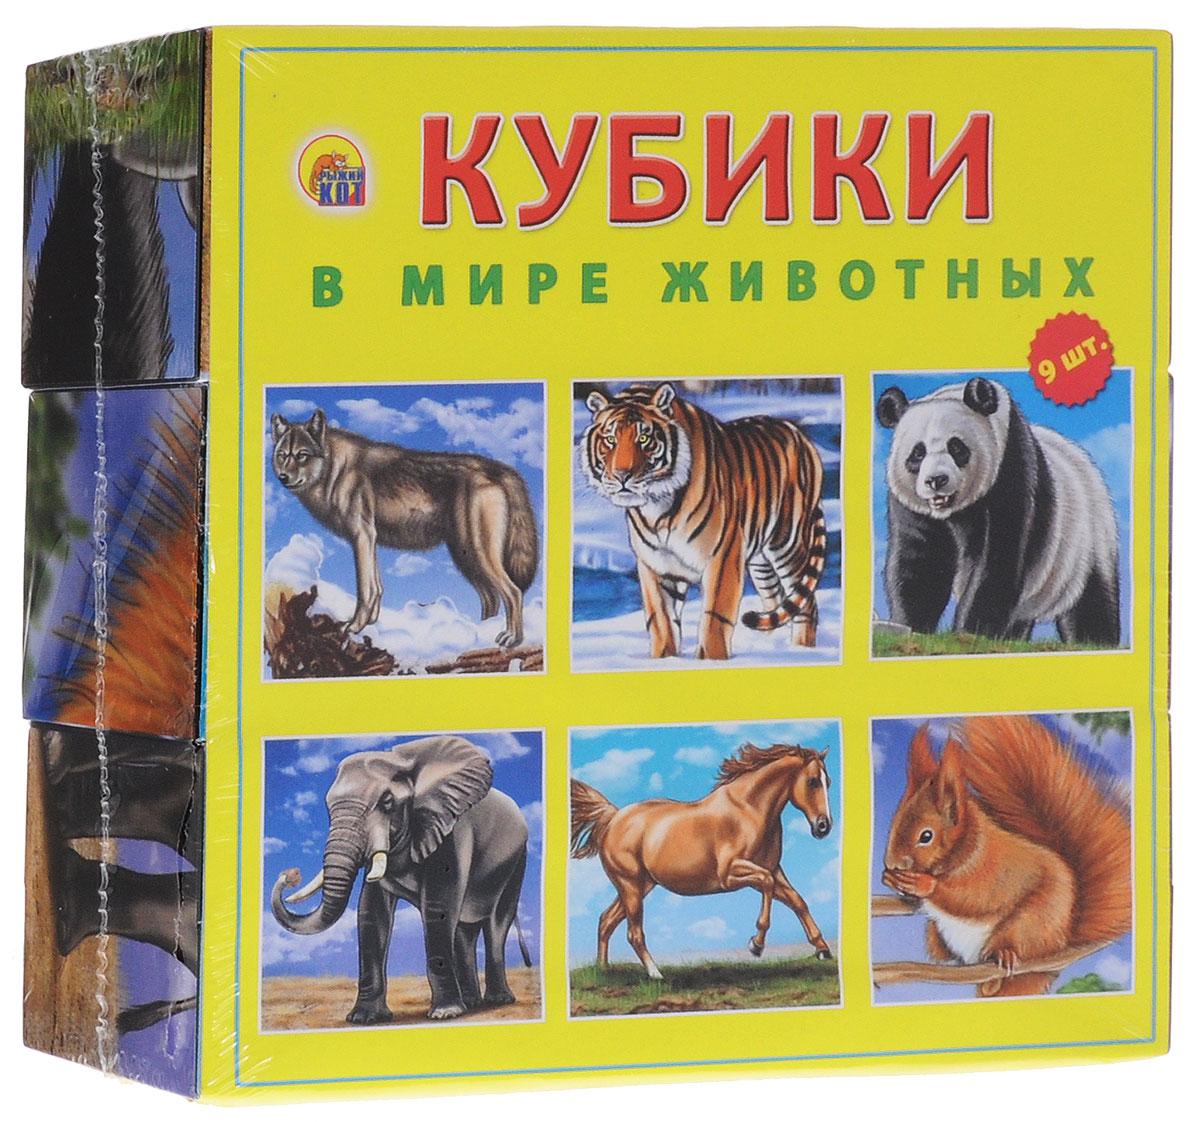 Рыжий Кот Кубики В мире животныхК09-9608Кубики Рыжий Кот В мире животных непременно заинтересуют вашего малыша и подарят ему много положительных эмоций. В набор входят 9 кубиков, собрав которые, ваш ребенок получит красочные картинки различных животных - волка, тигра, панды, слона, лошади и белочки. Складывая кубики в различном порядке, ребенок будет развивать фантазию и память. Изделия выполнены из прочных материалов, полностью безопасных для здоровья вашей крохи.